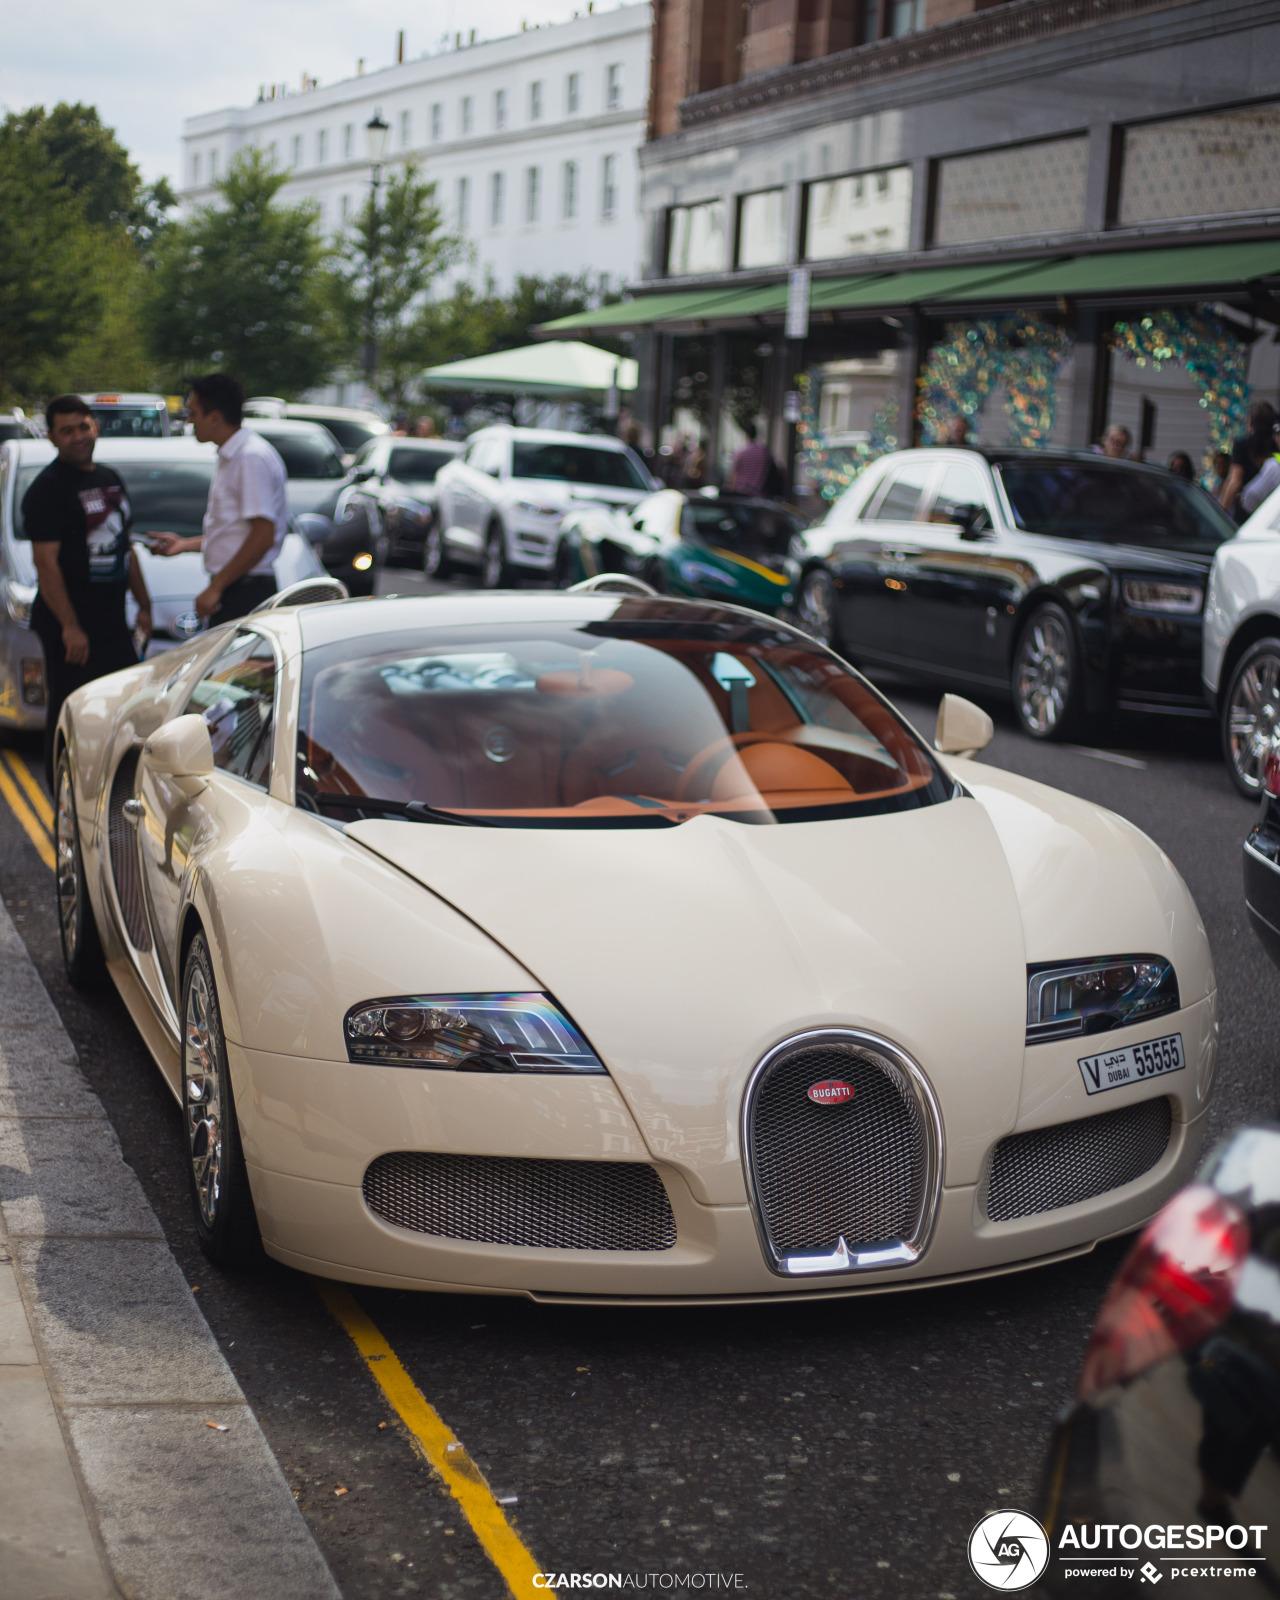 Bugatti Veyron 16 4: Bugatti Veyron 16.4 Grand Sport